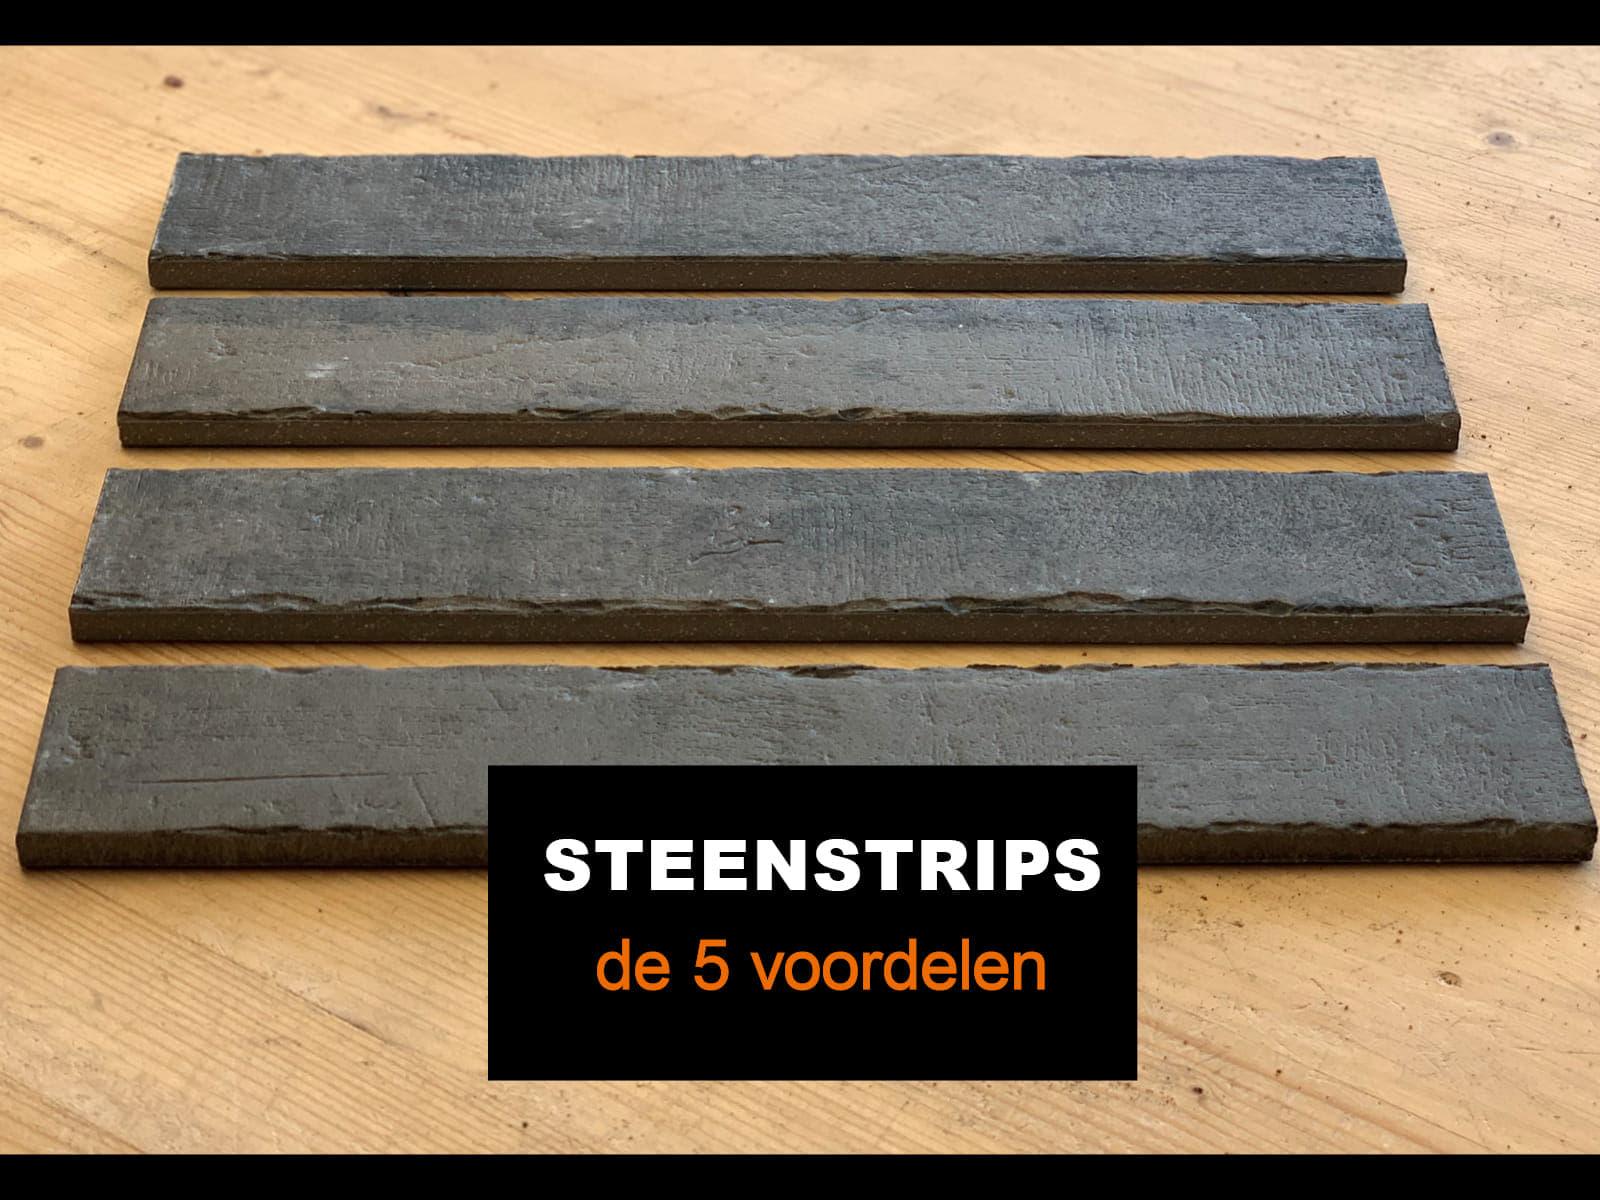 vier steenstrips op een houten achtergrond